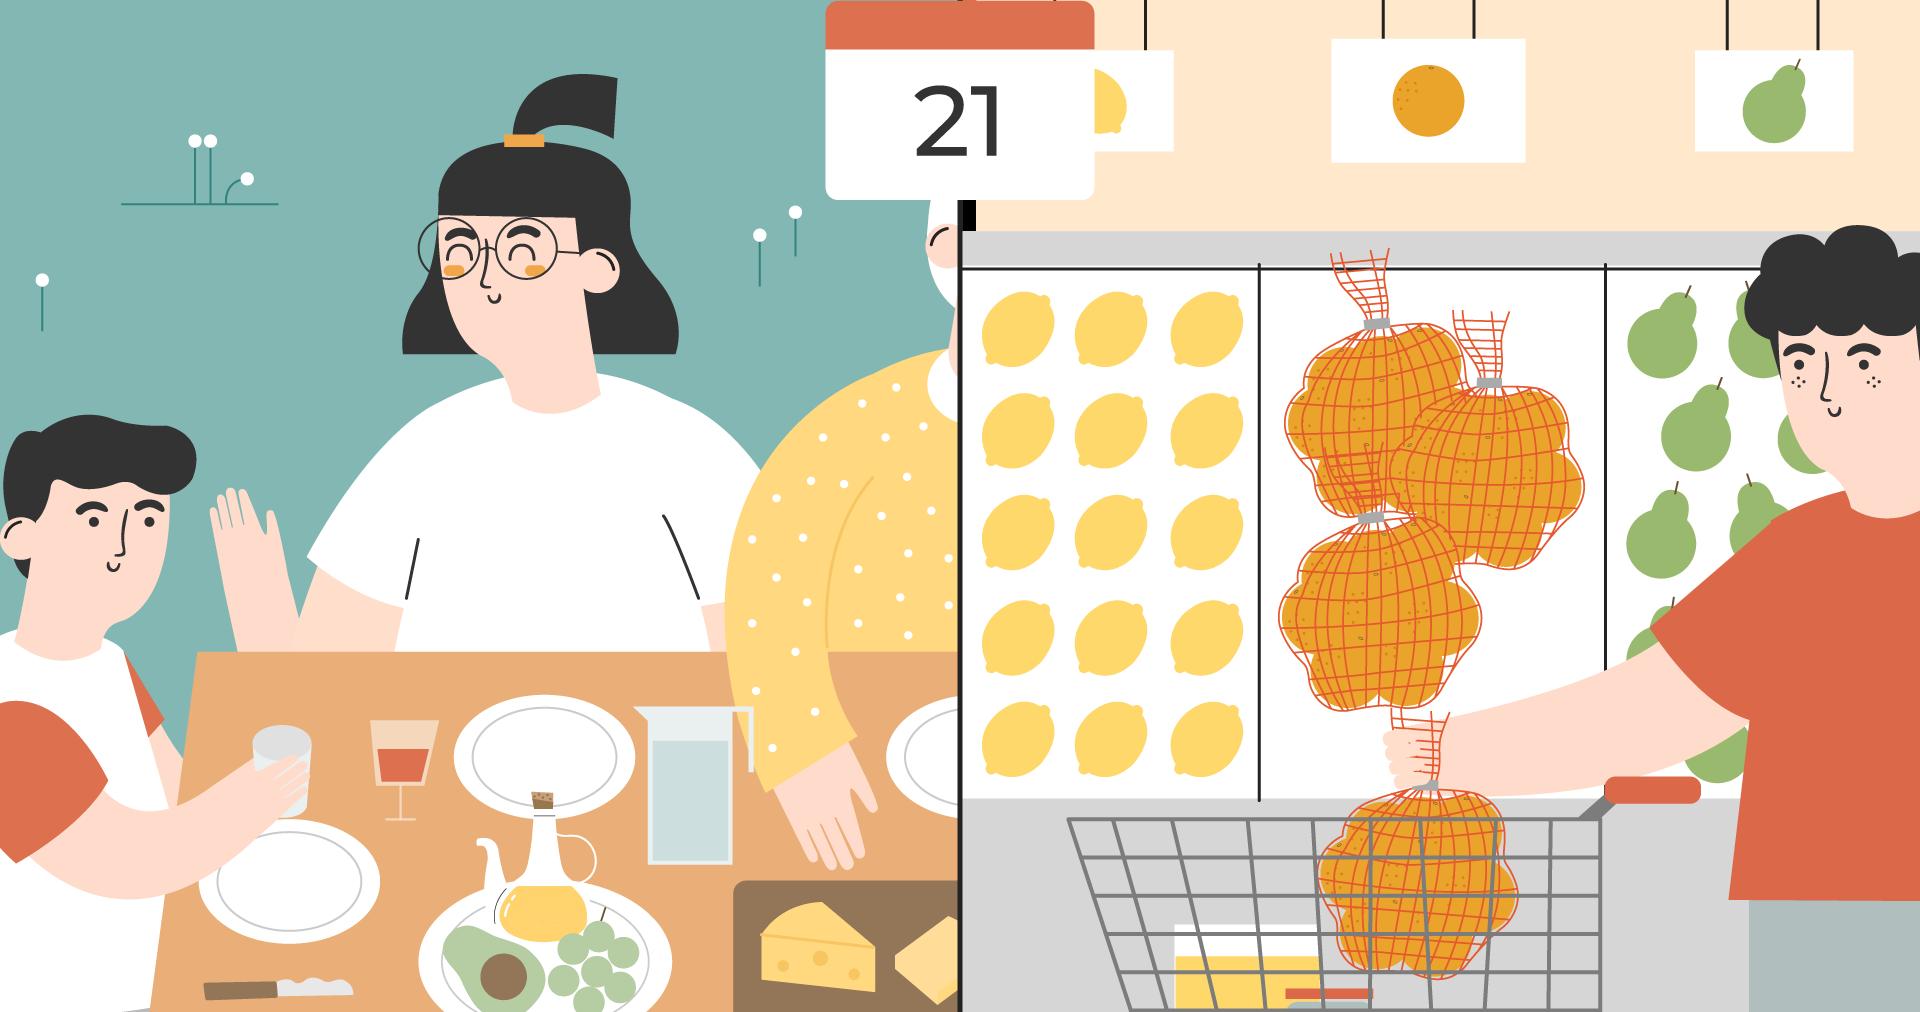 Ilustración de una familia comiendo naranjas orgánicas y una persona en el supermercado comprando naranjas de red